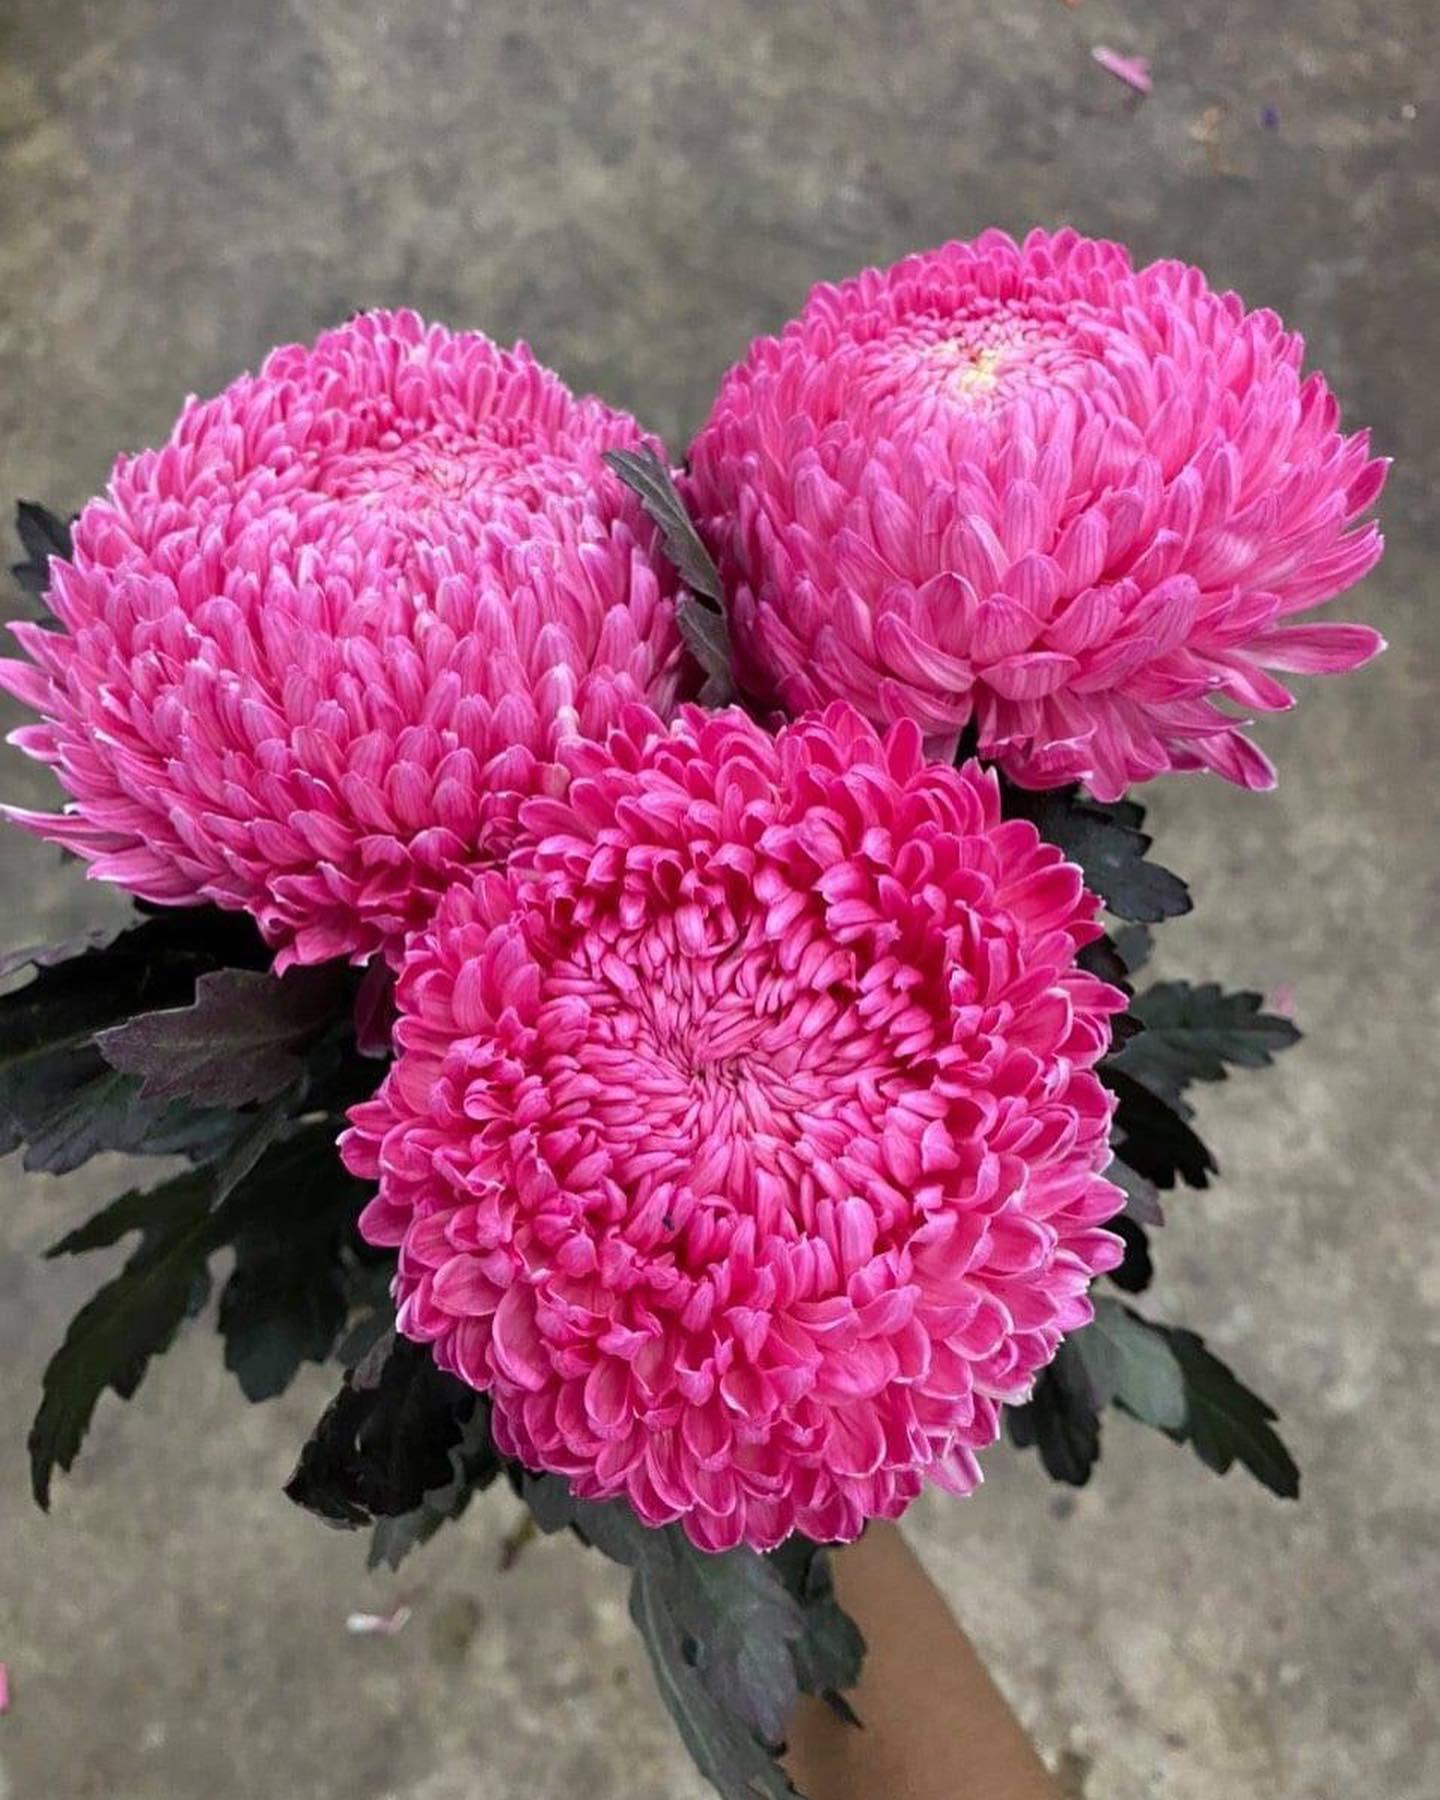 Hoa Cúc Mẫu Đơn Nhập Khẩu